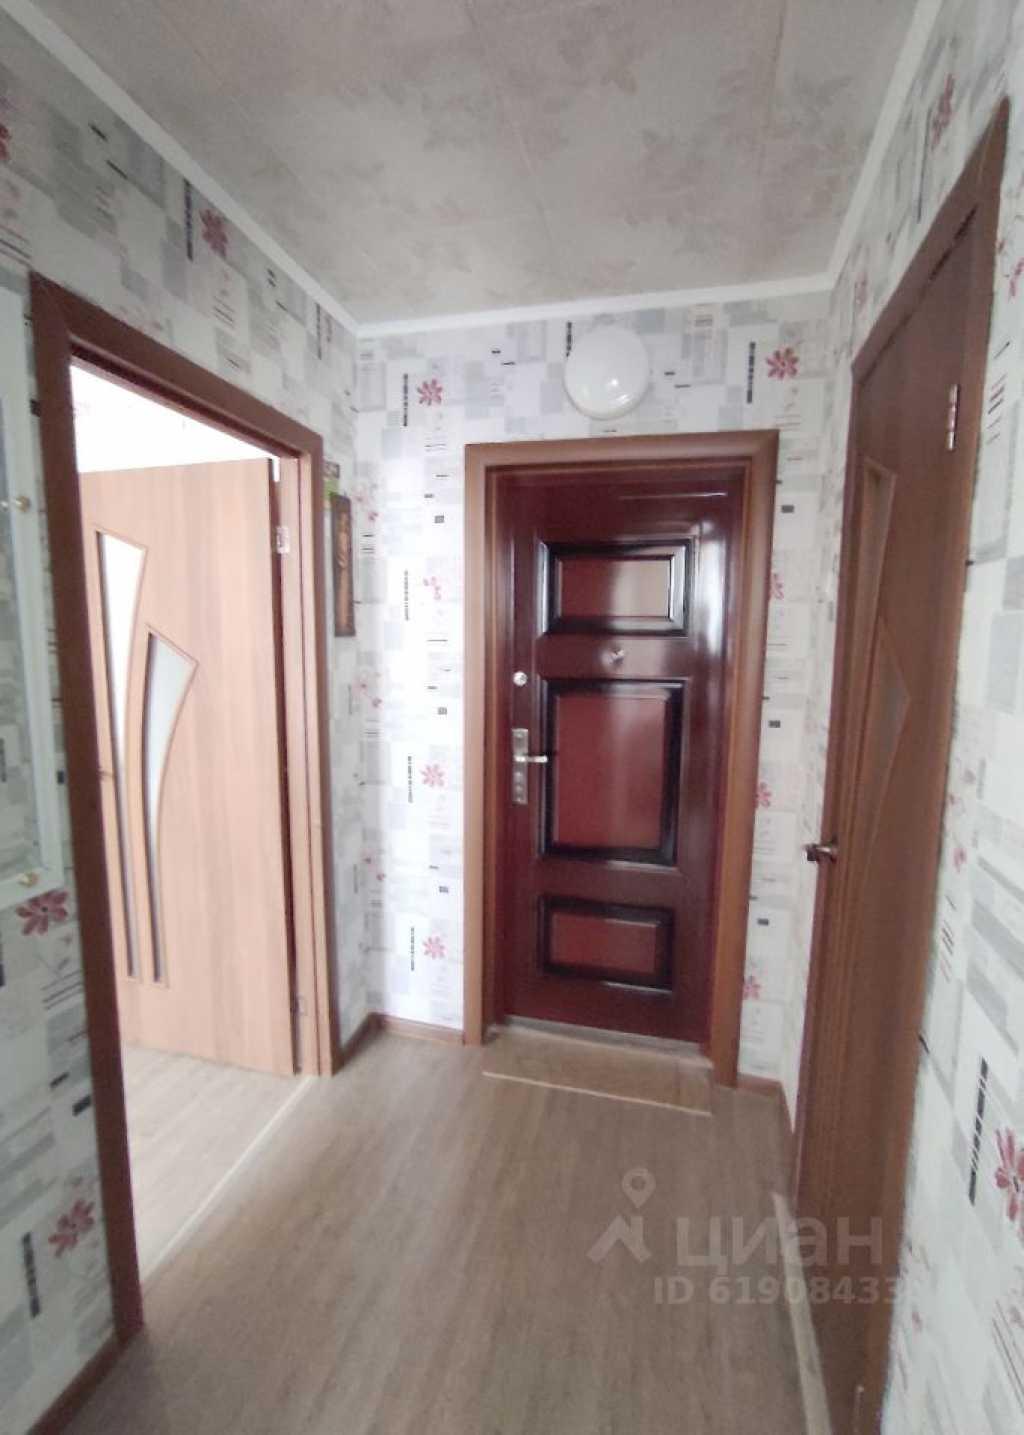 Продаи 1-к квартиру 22 кв.м в Стрежевое. Фото 3